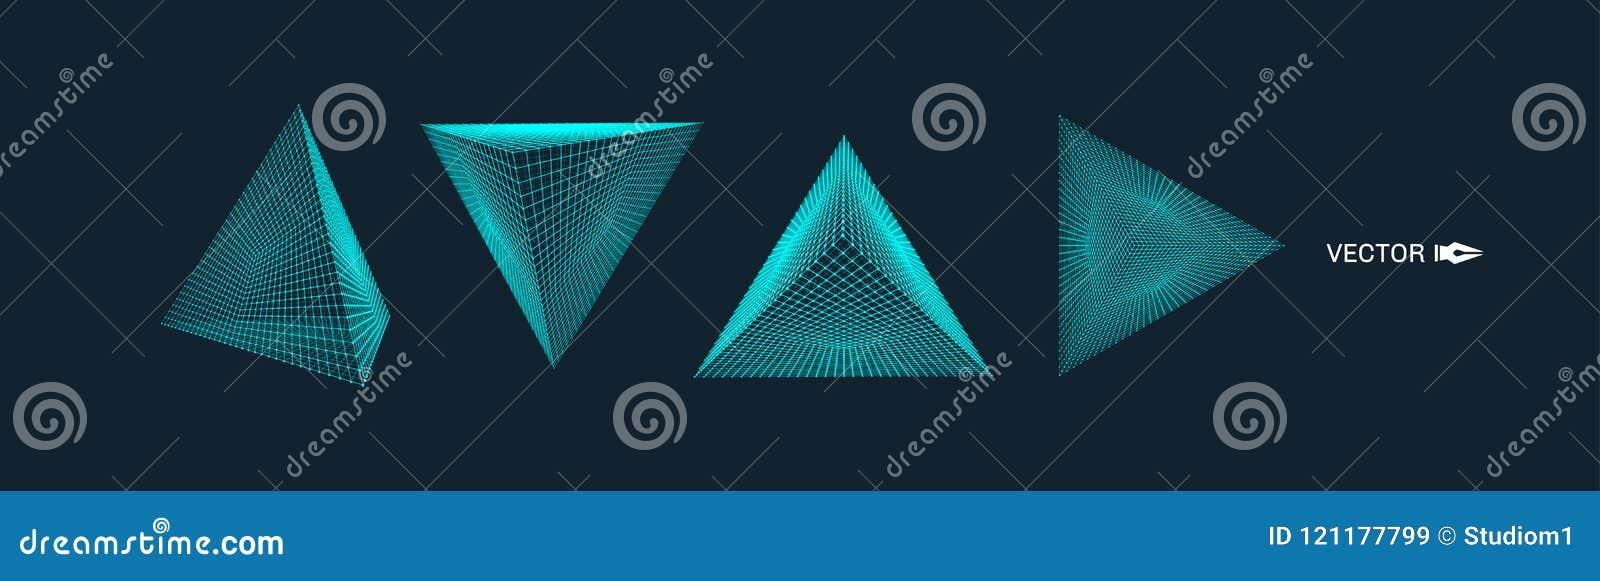 Pirâmide Grade molecular estilo da tecnologia 3D Ilustração do vetor Estrutura da conexão para a química e a ciência